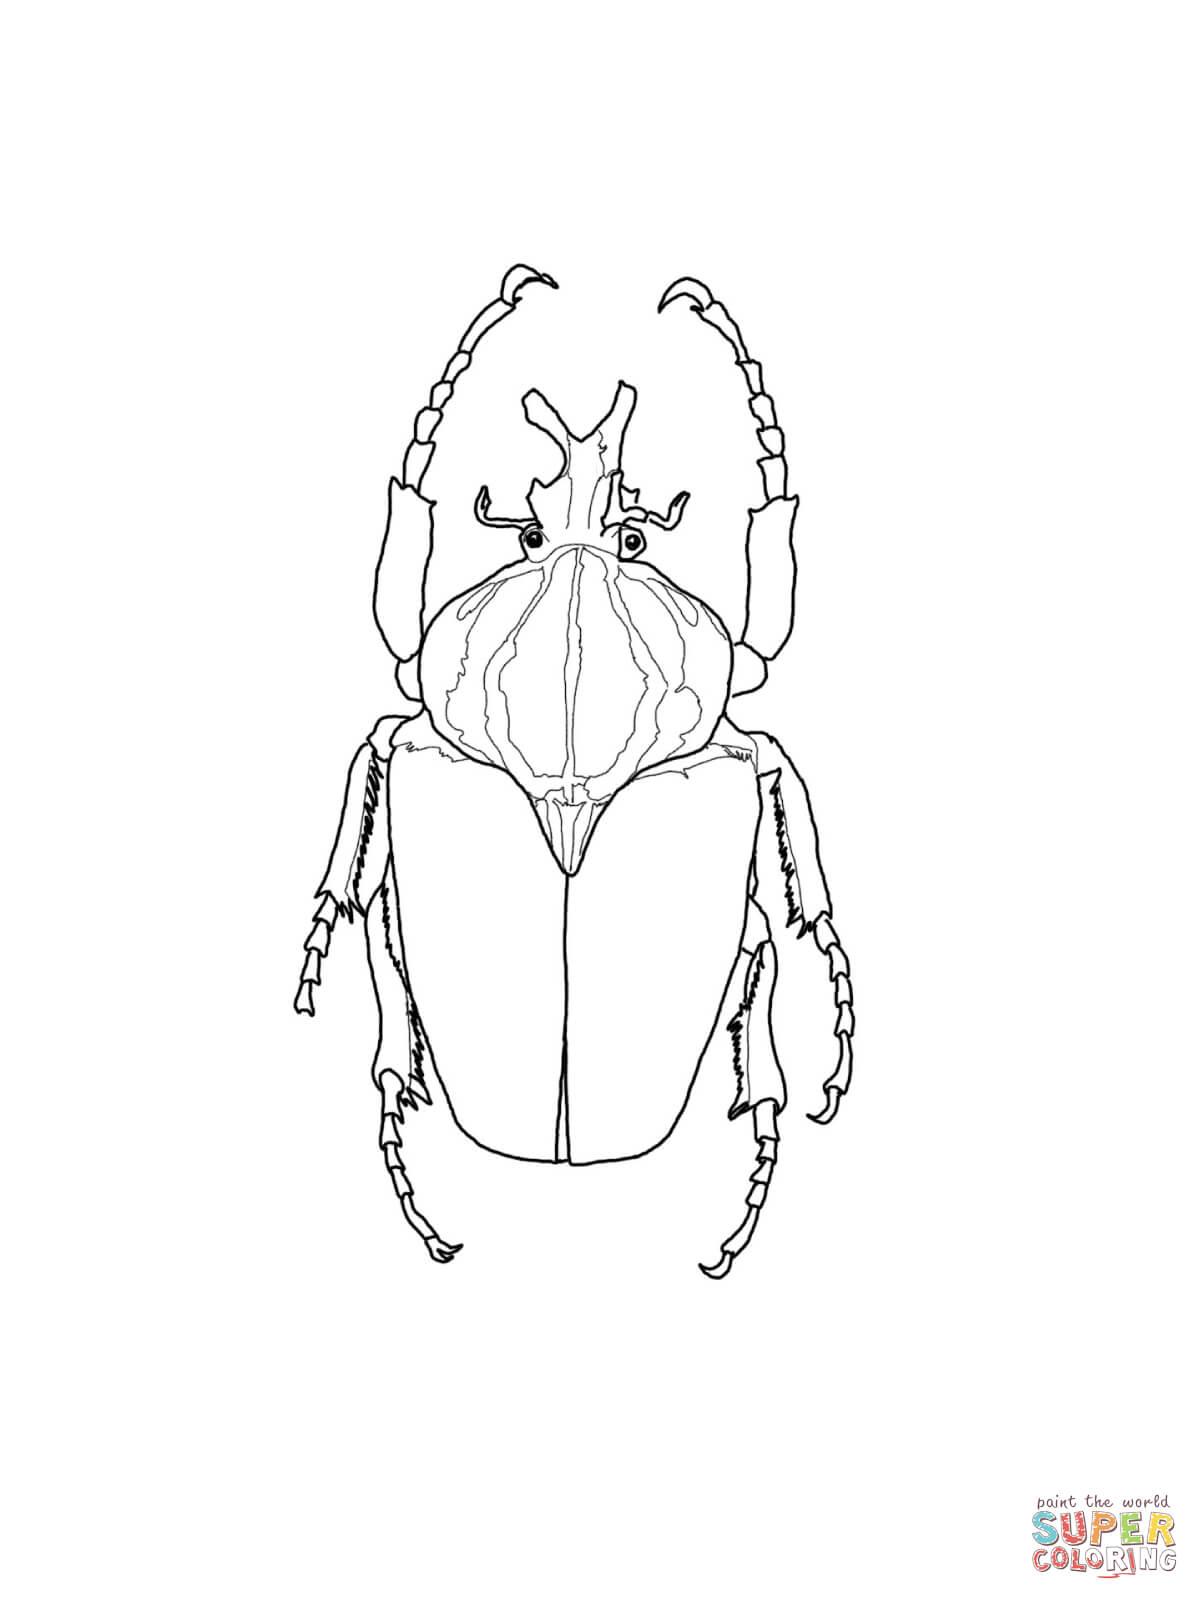 Rhinoceros Beetle coloring #6, Download drawings